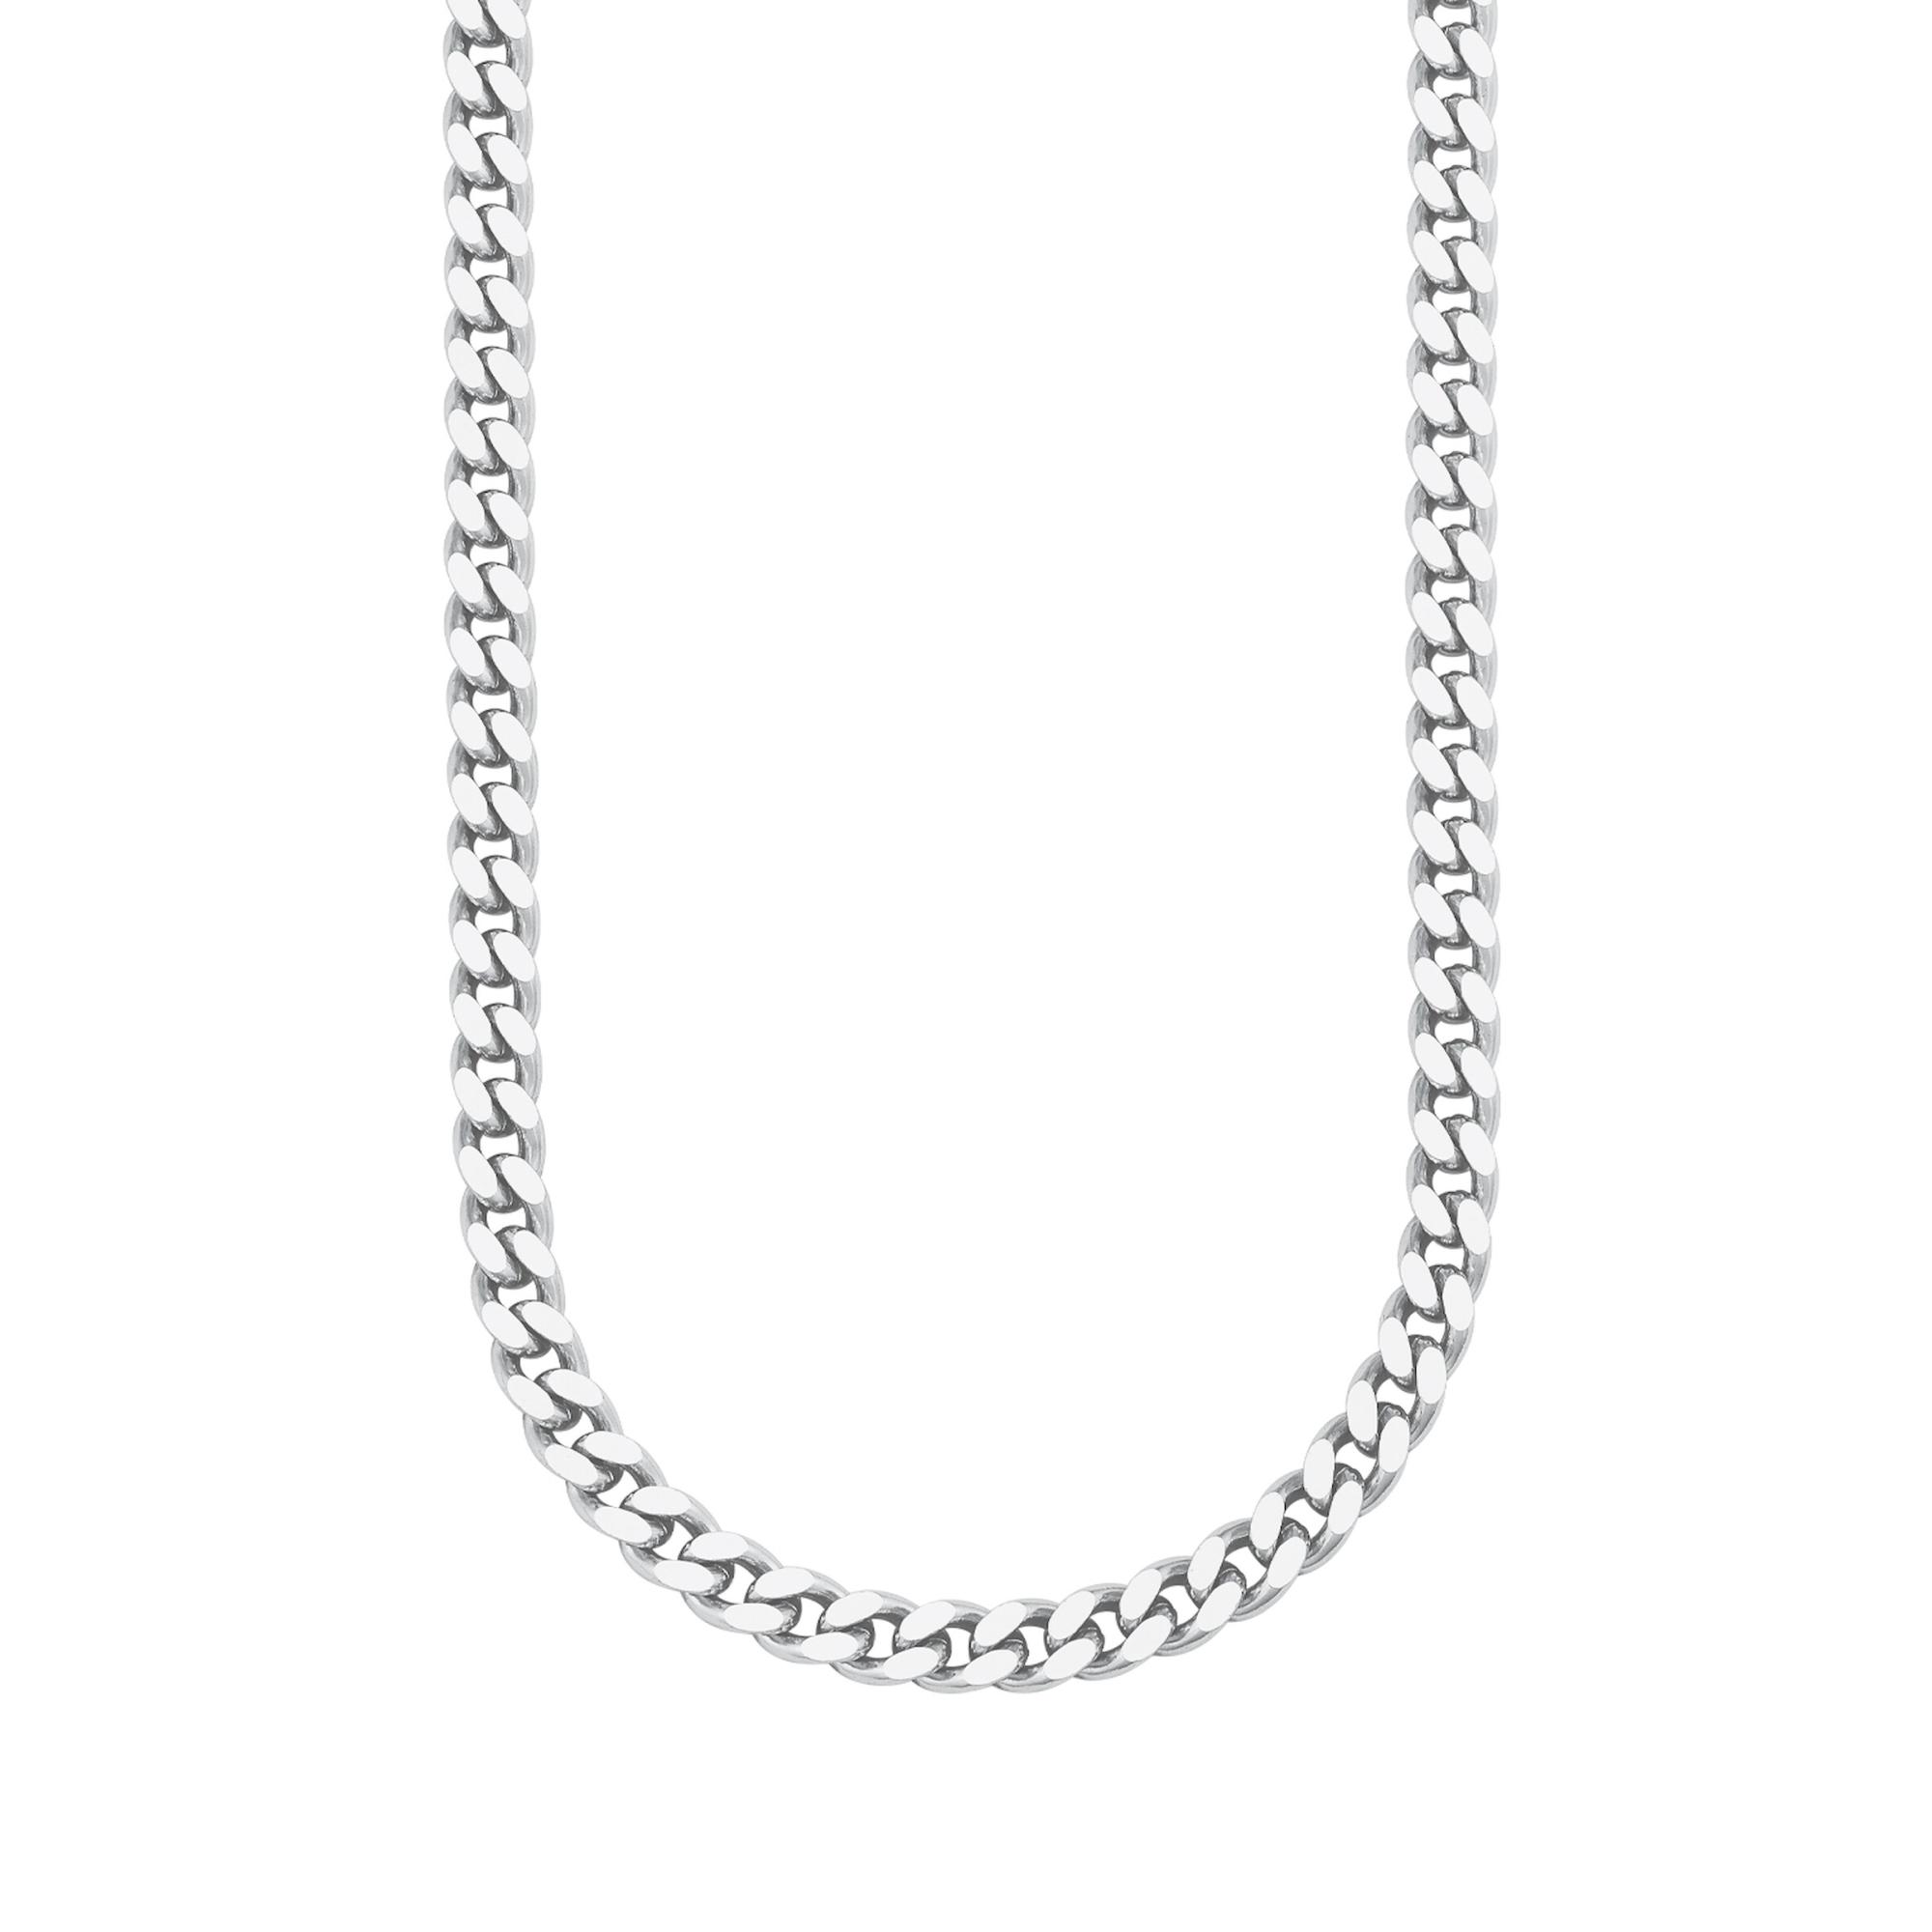 Halskette für Herren, Silber 925, Panzer 55 cm